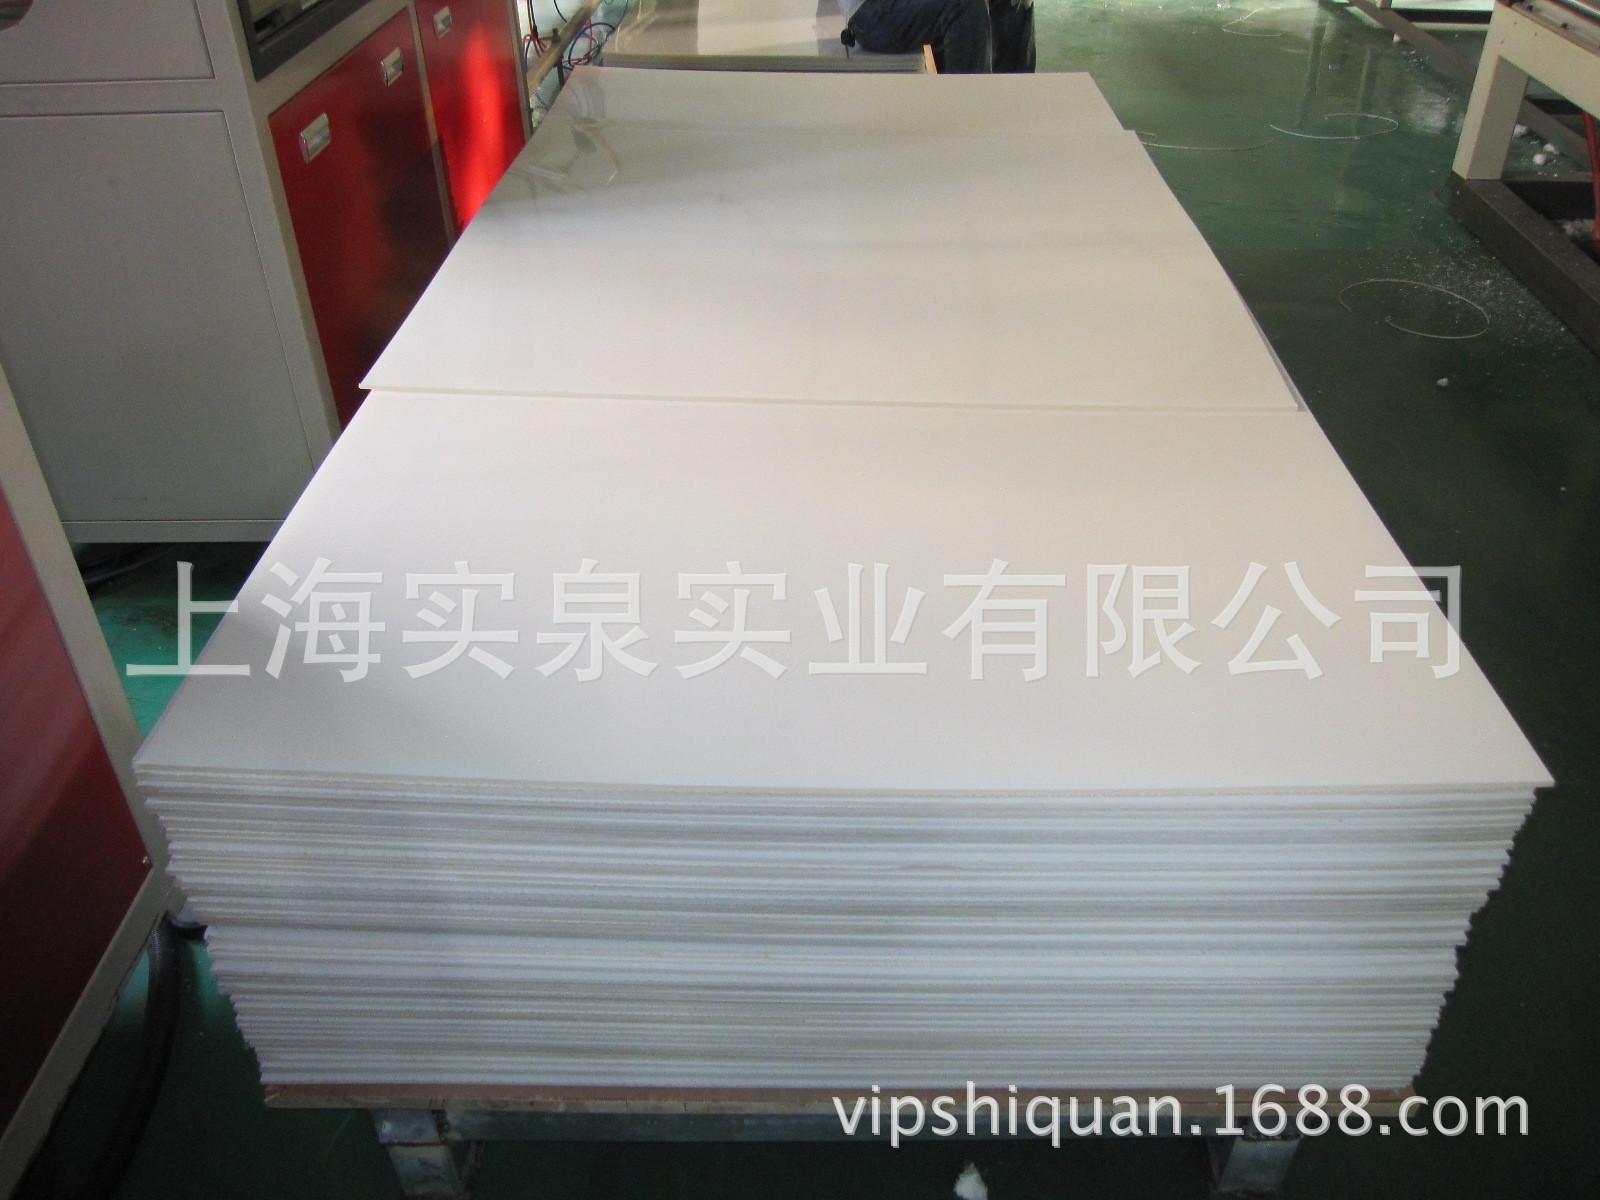 PVDF塑料板,pvdf塑料卷,生产厂家,现货直供。